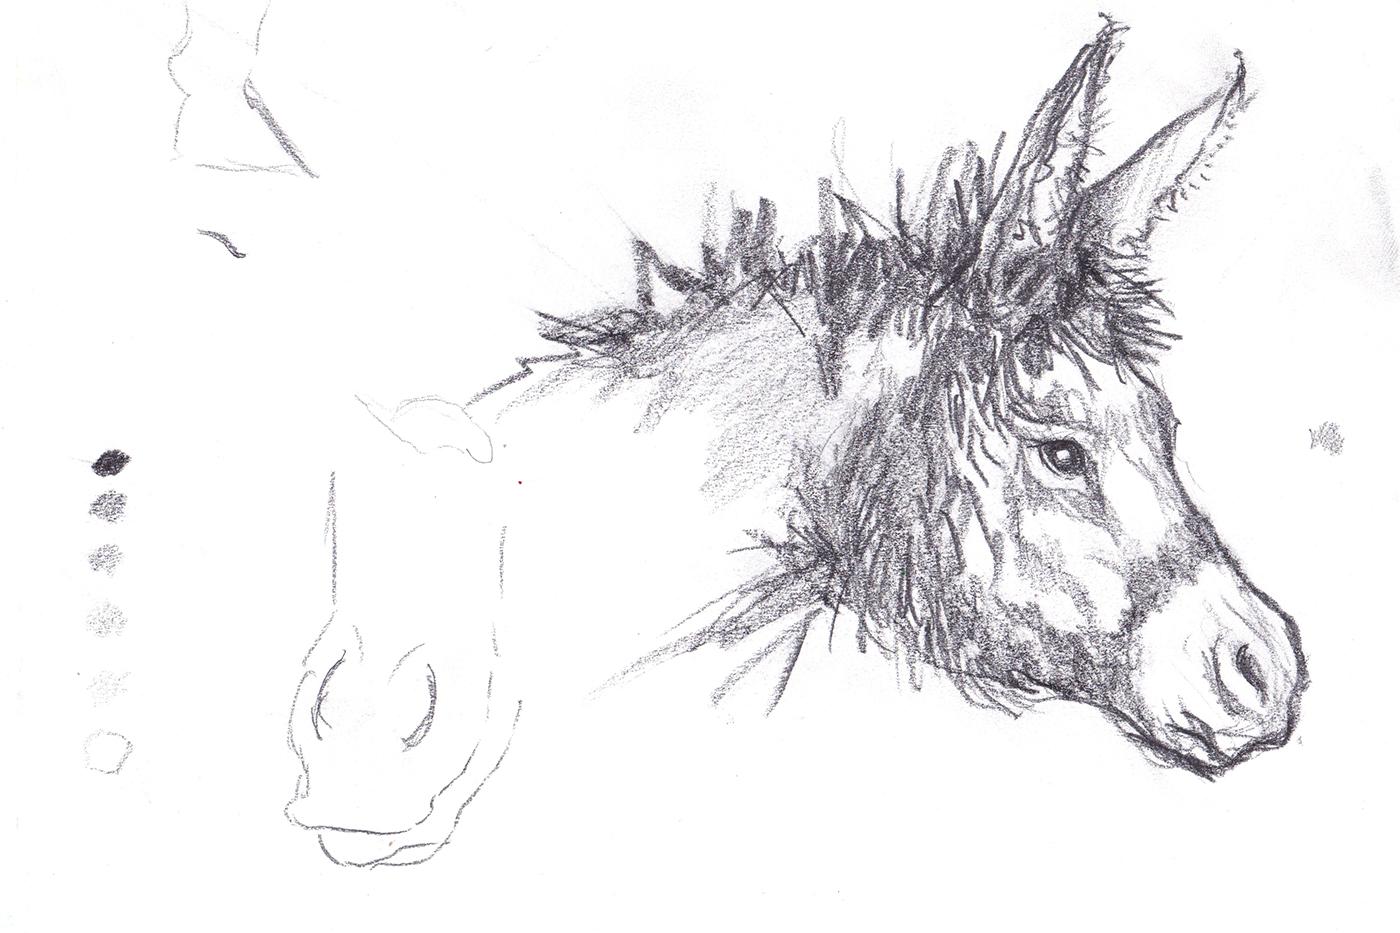 Donkey_Sketch